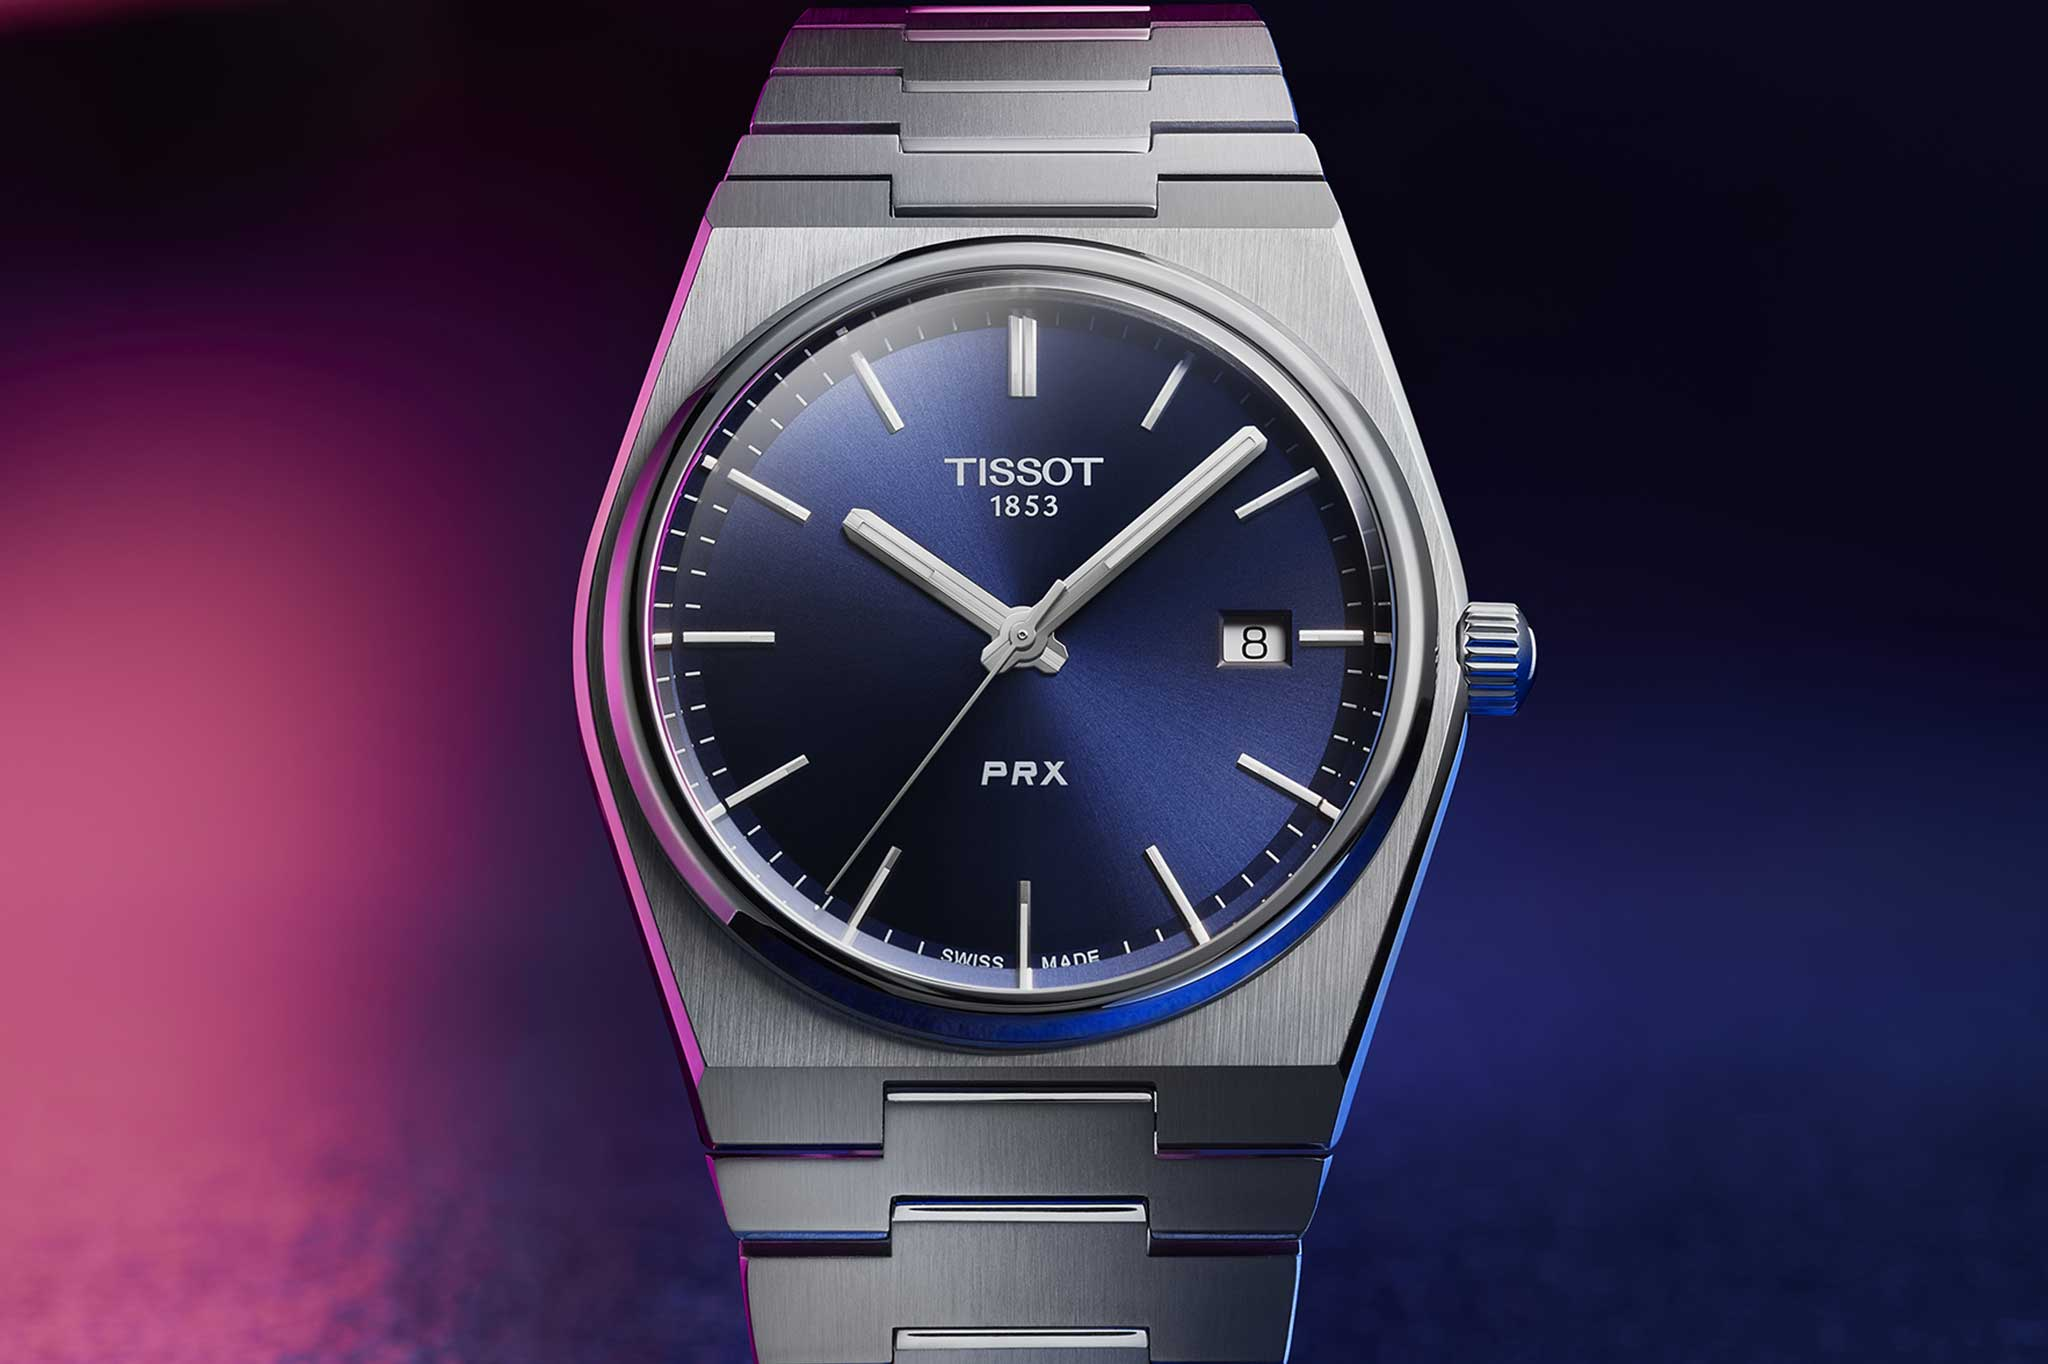 Tissot PRX 40 205-4